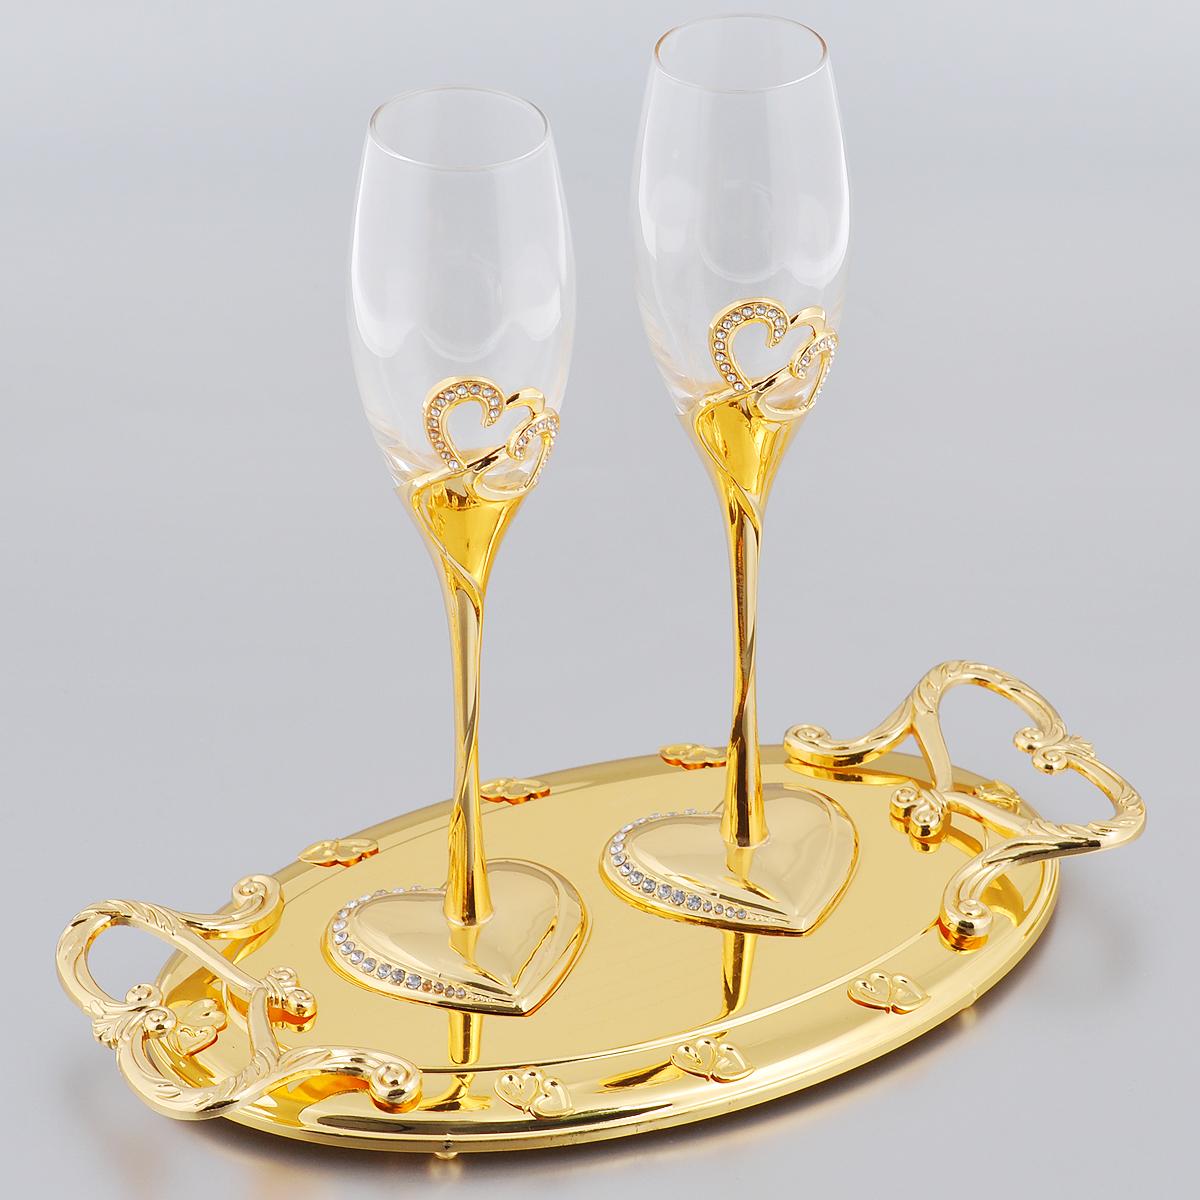 Набор бокалов Marquis Свадьба, на подносе, цвет: золотистый, 3 предмета. 2138-MR2138-MRНабор Marquis Свадьба состоит из двух бокалов для шампанского длямолодоженов и подноса. Бокалы выполнены из стекла. Изящные тонкие ножки,выполненные из стали с серебряно-никелевым покрытием, оформленыперфорацией в виде двух сплетенных сердец, инкрустированных стразами.Основание в виде сердца также оформлено стразами.Овальная подставка с ручками, украшенная гравировкой и рельефом, прекраснодополняет набор.Такой набор принесет особую атмосферу торжества и праздника.